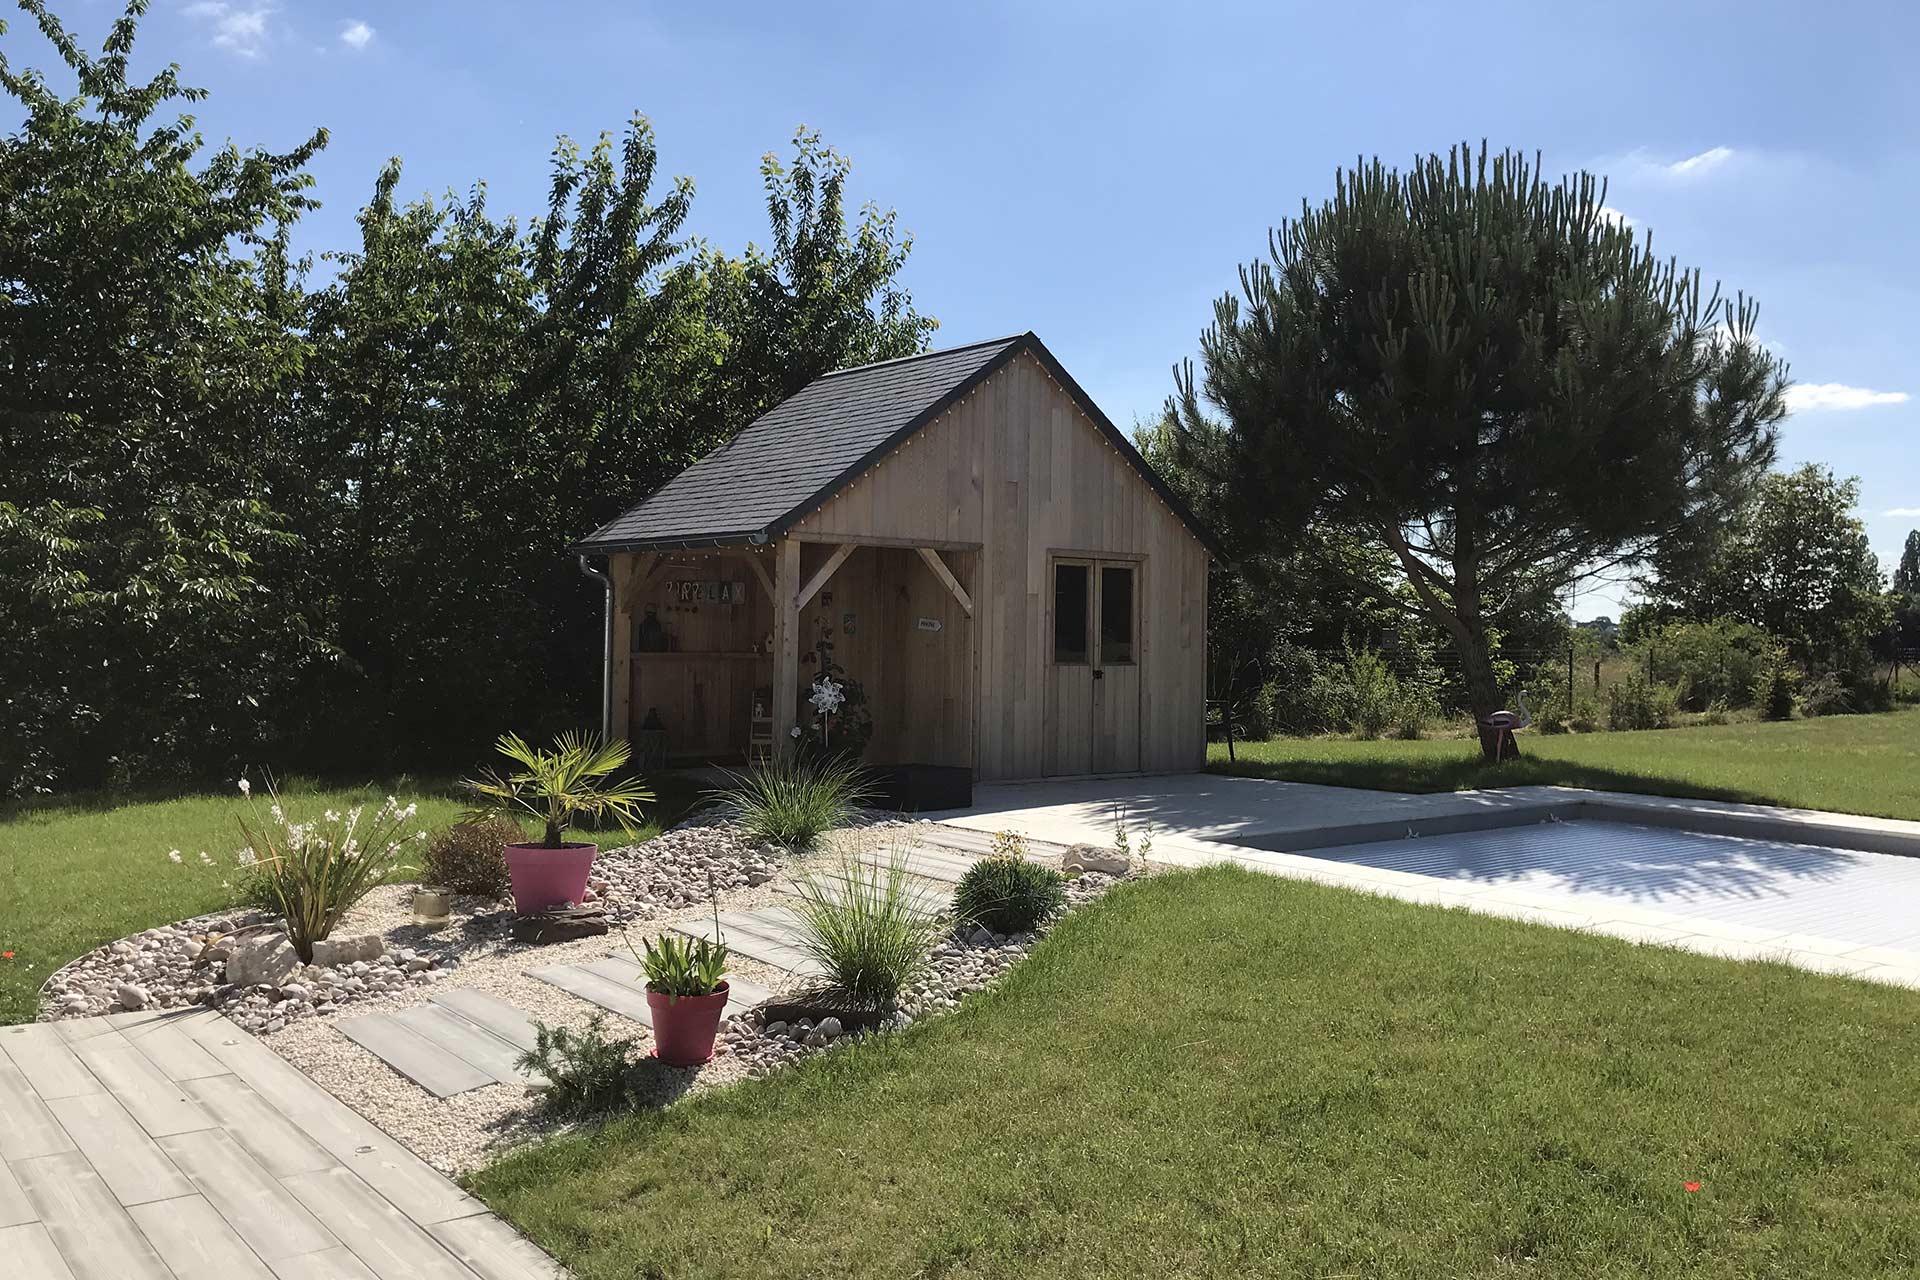 Serrault Jardins réalise des massifs, abords de piscine, terrasse ou encore abris de jardin.